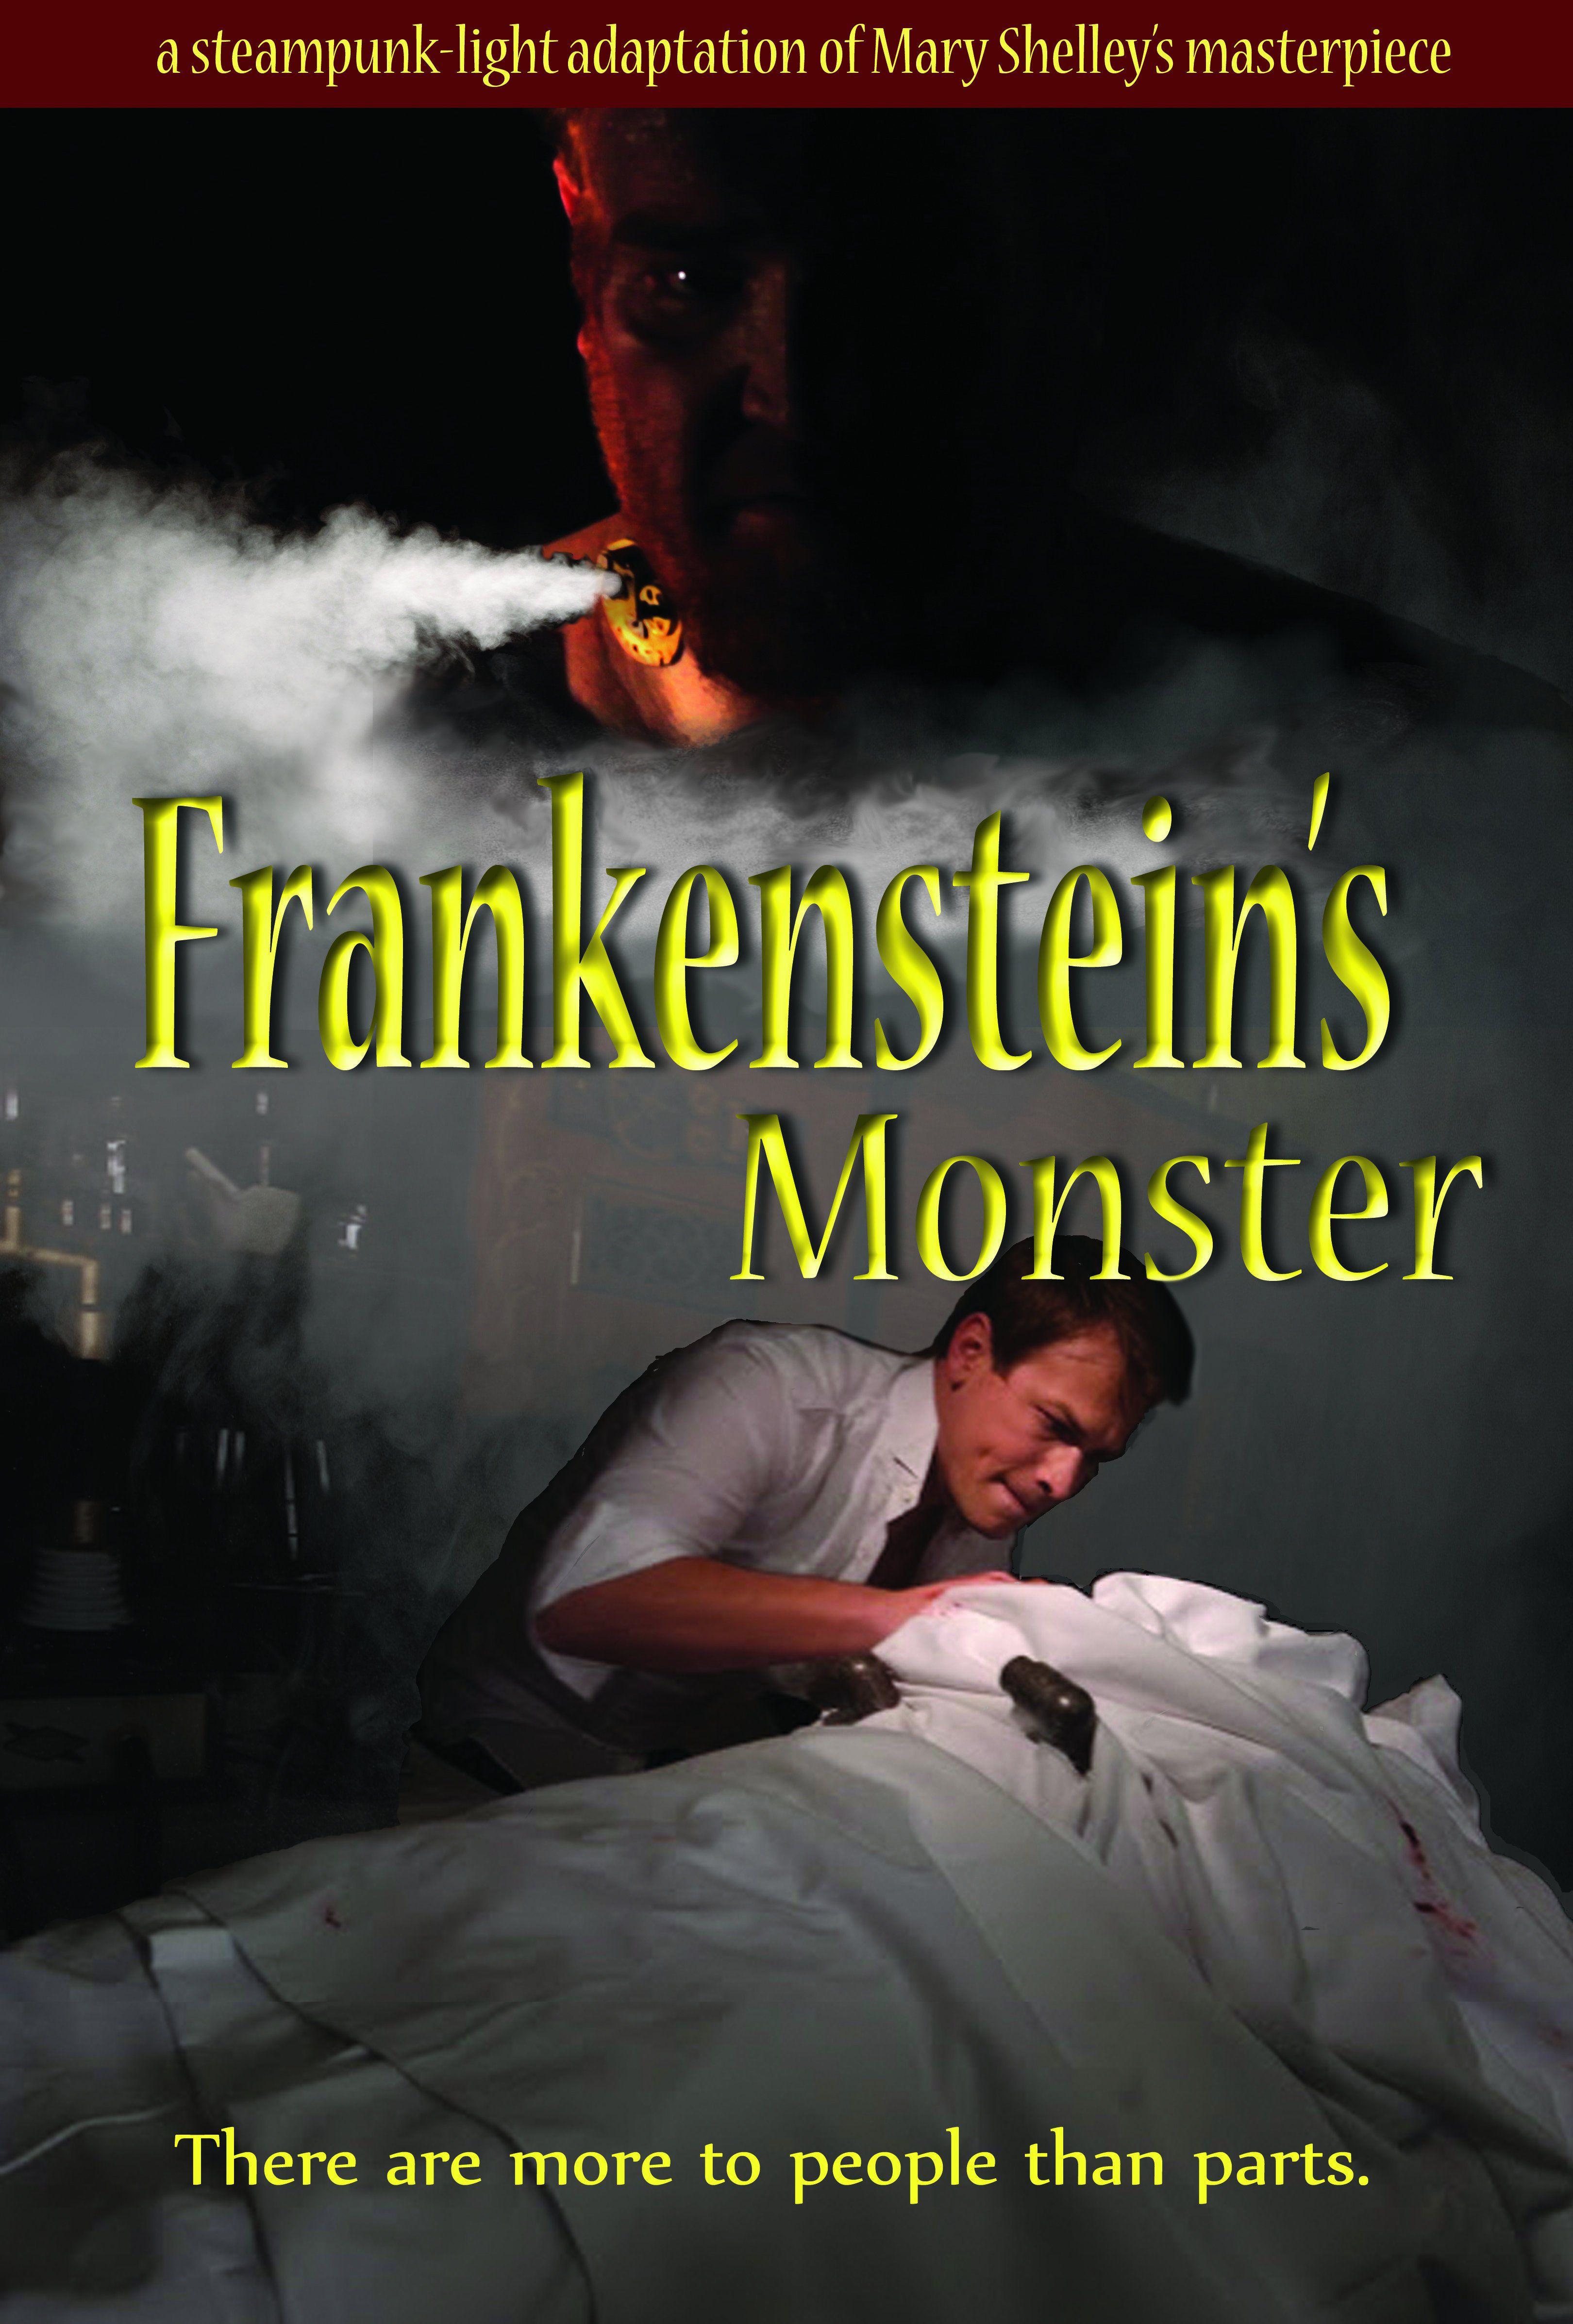 Frankenstein's Monster - Film (2013)